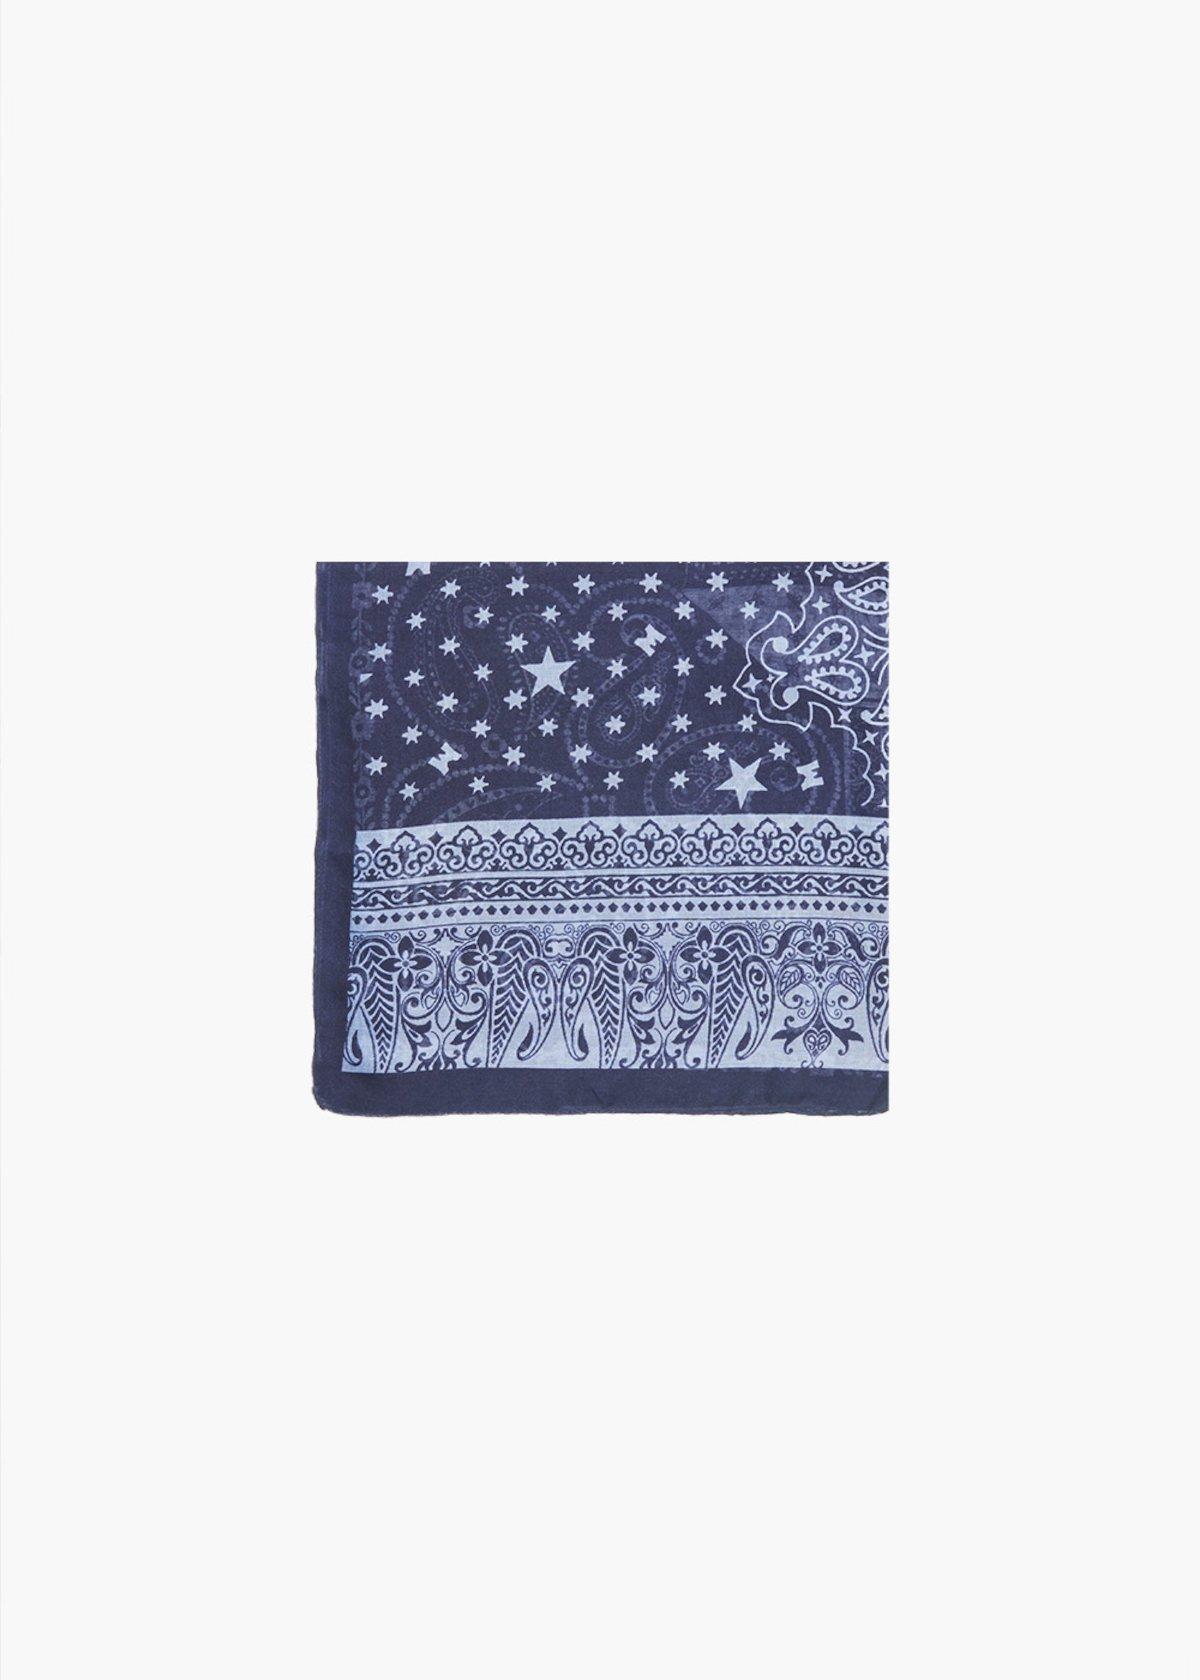 Cashmere print scarf Sagy with linen colour background - Linen / Medium Blue Fantasia - Woman